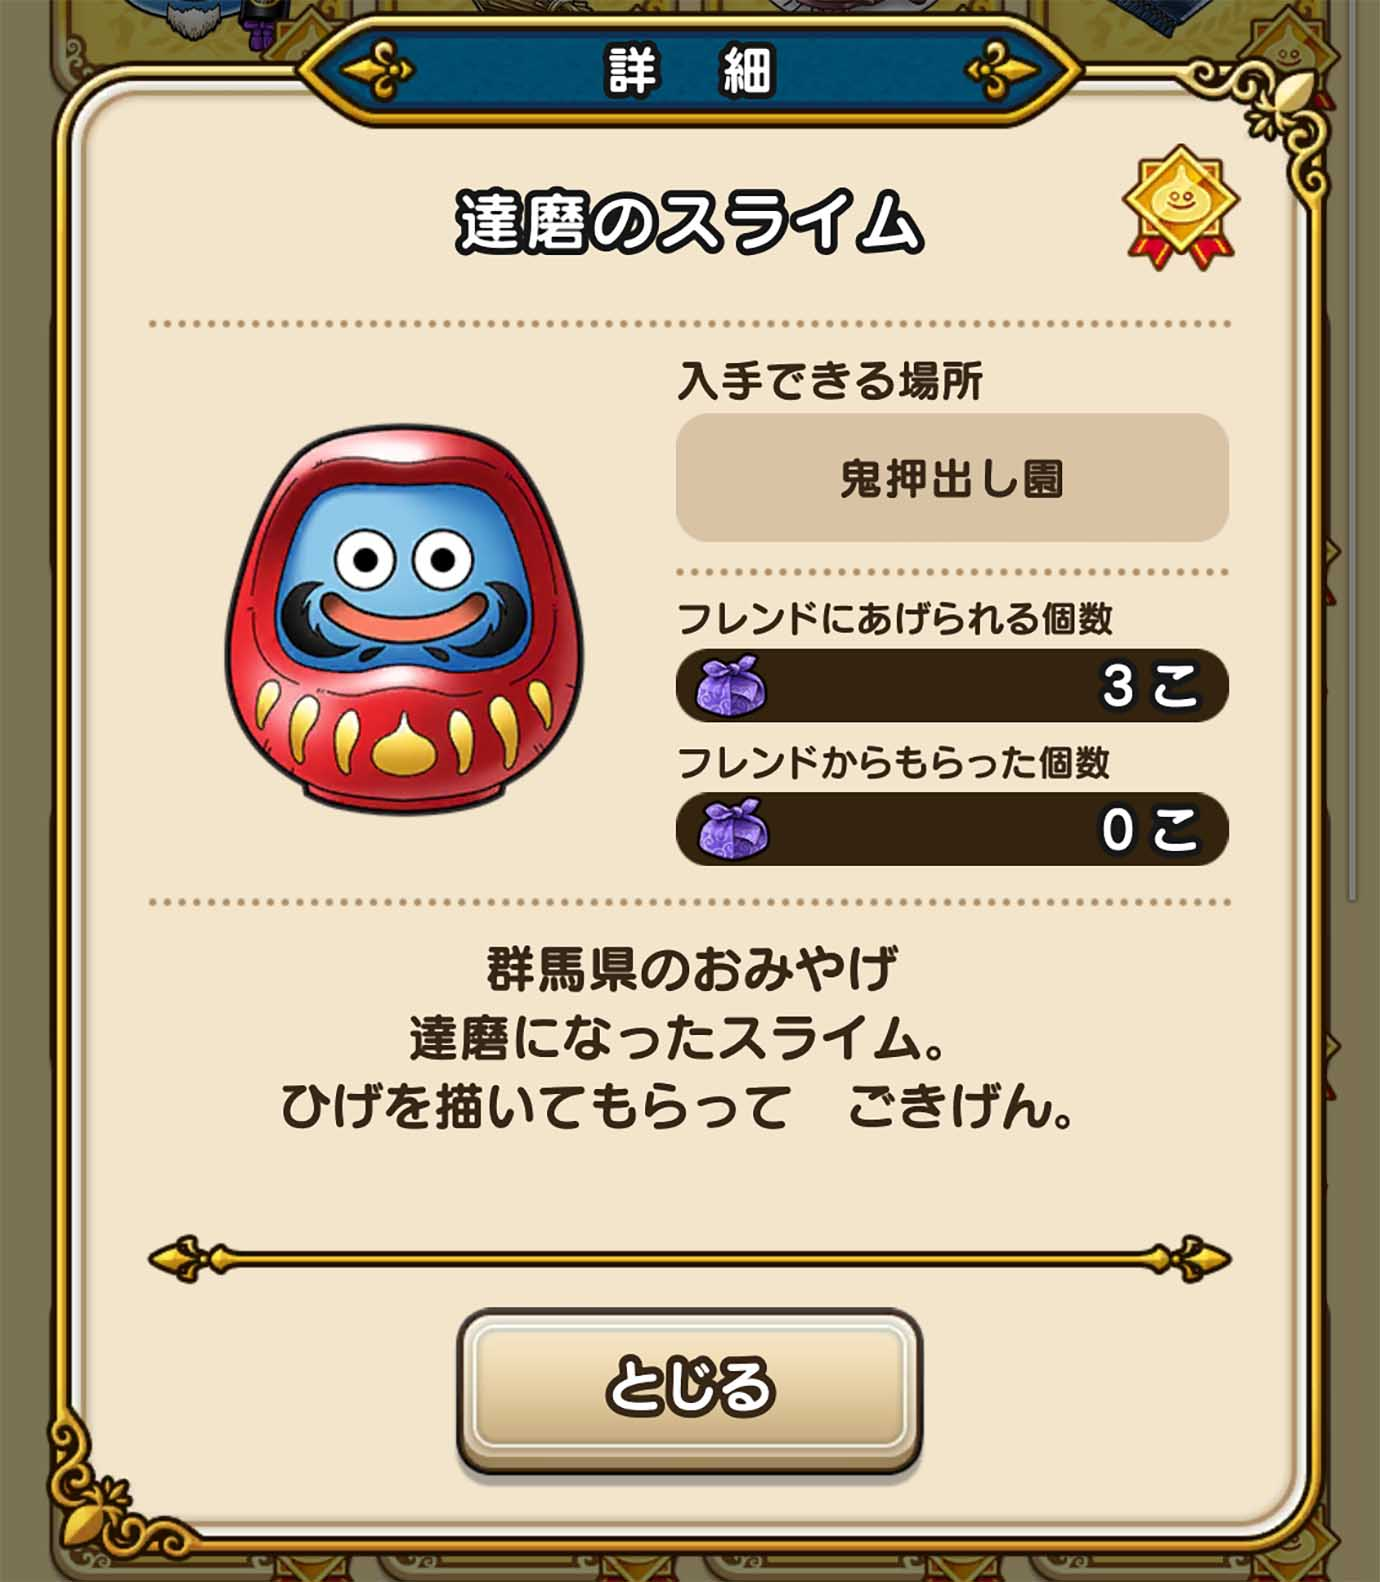 dqw-omiyage-gunma-onioshidashien